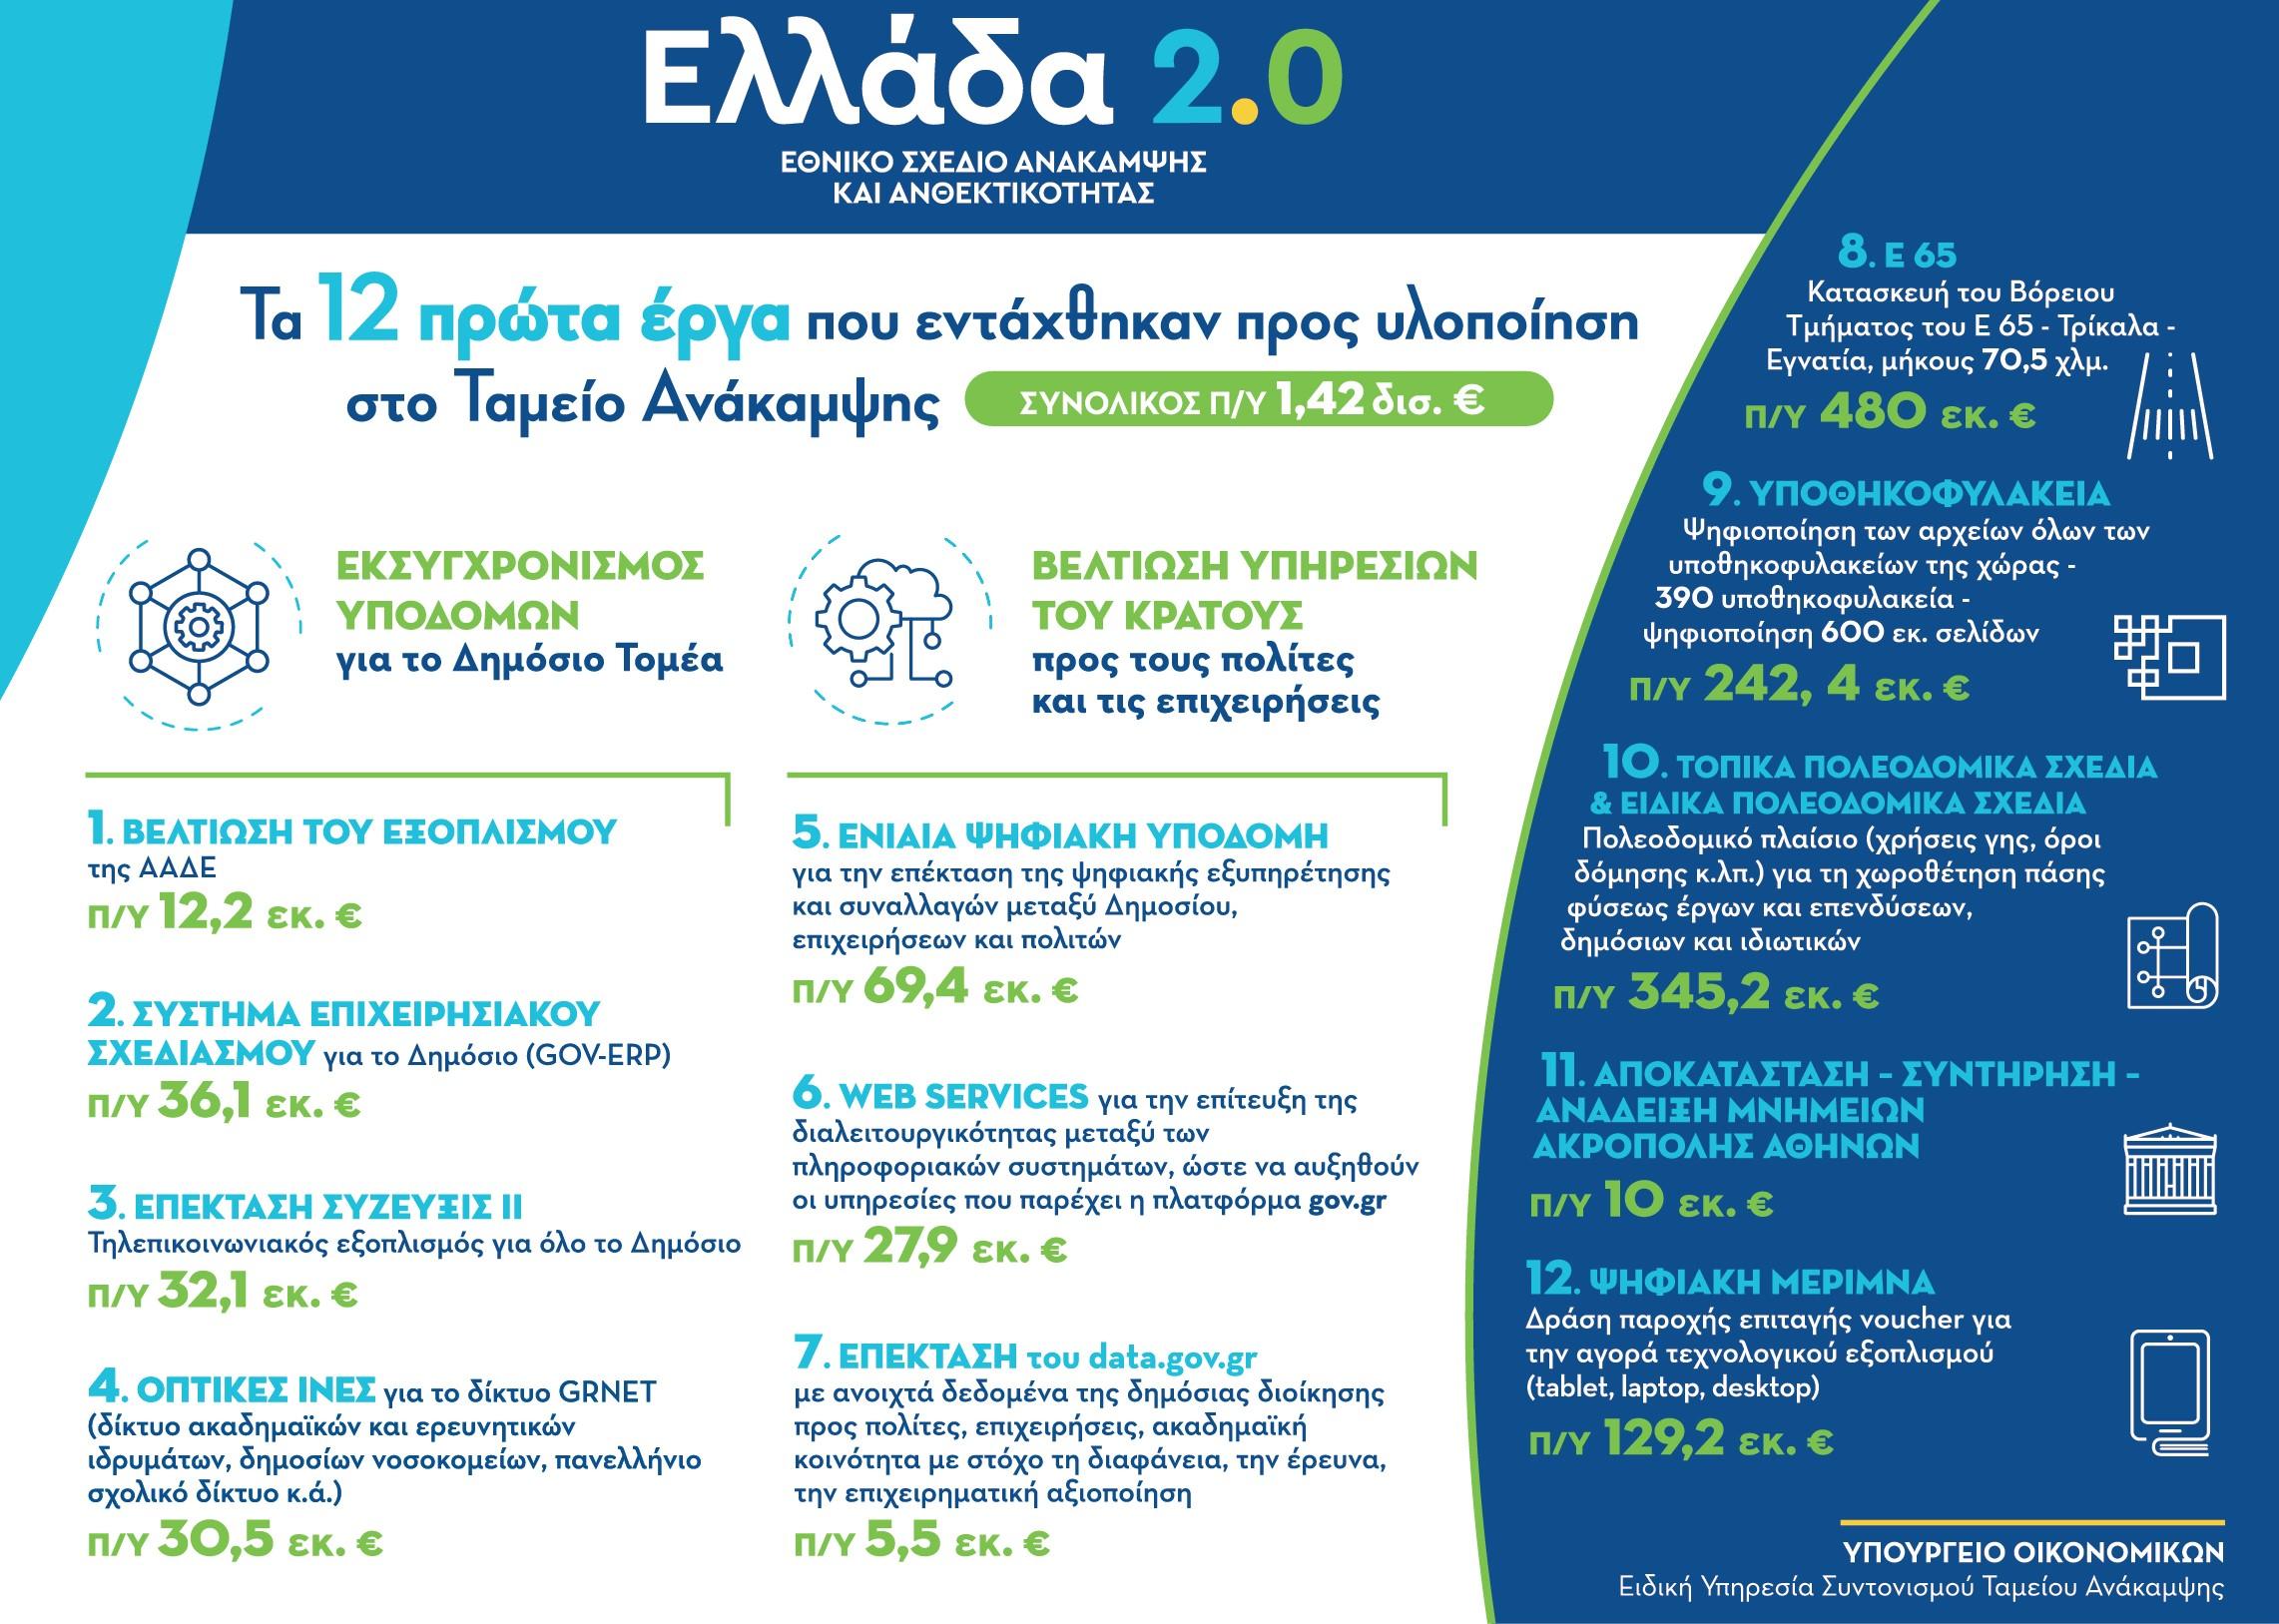 ellada-2-0-ta-prota-12-erga-toy-ethnikoy-schedioy-anakampsis1